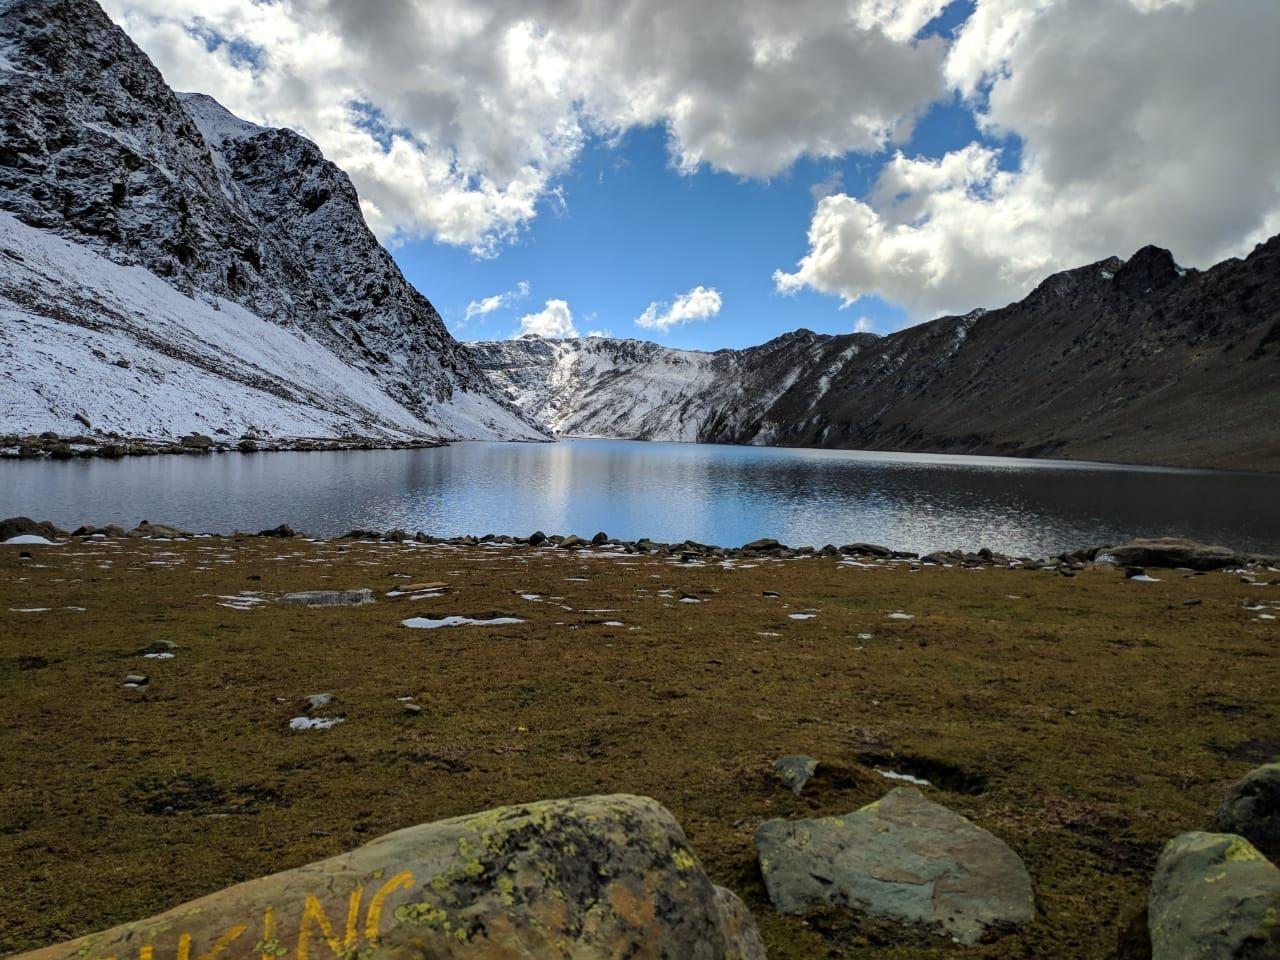 Photo of Tarsar Lake By BALJEET SINGH